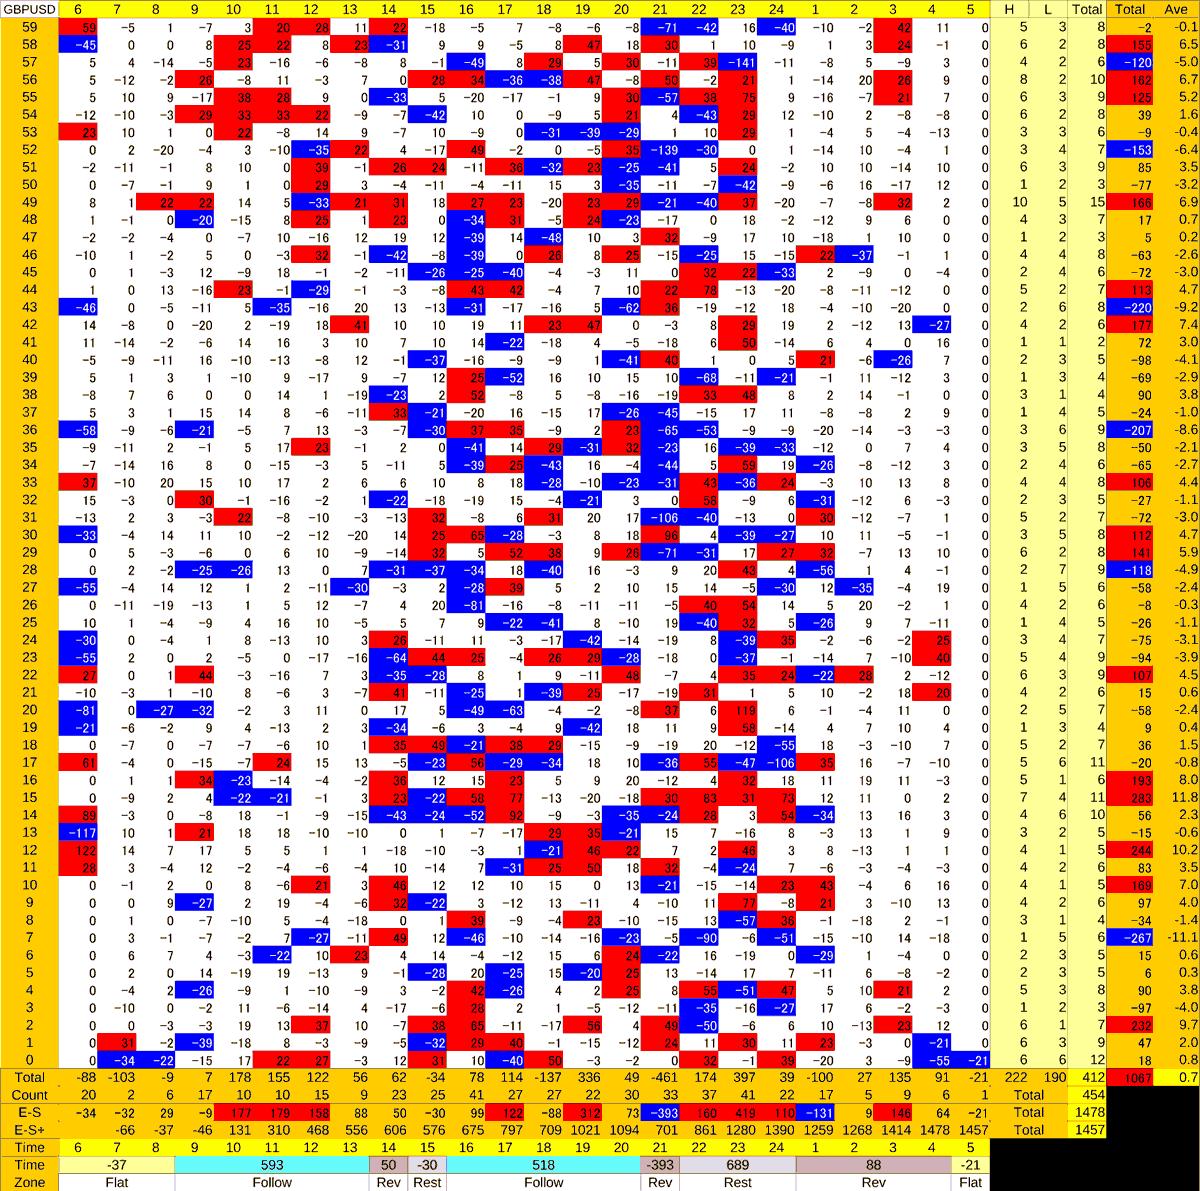 20200828_HS(2)GBPUSD